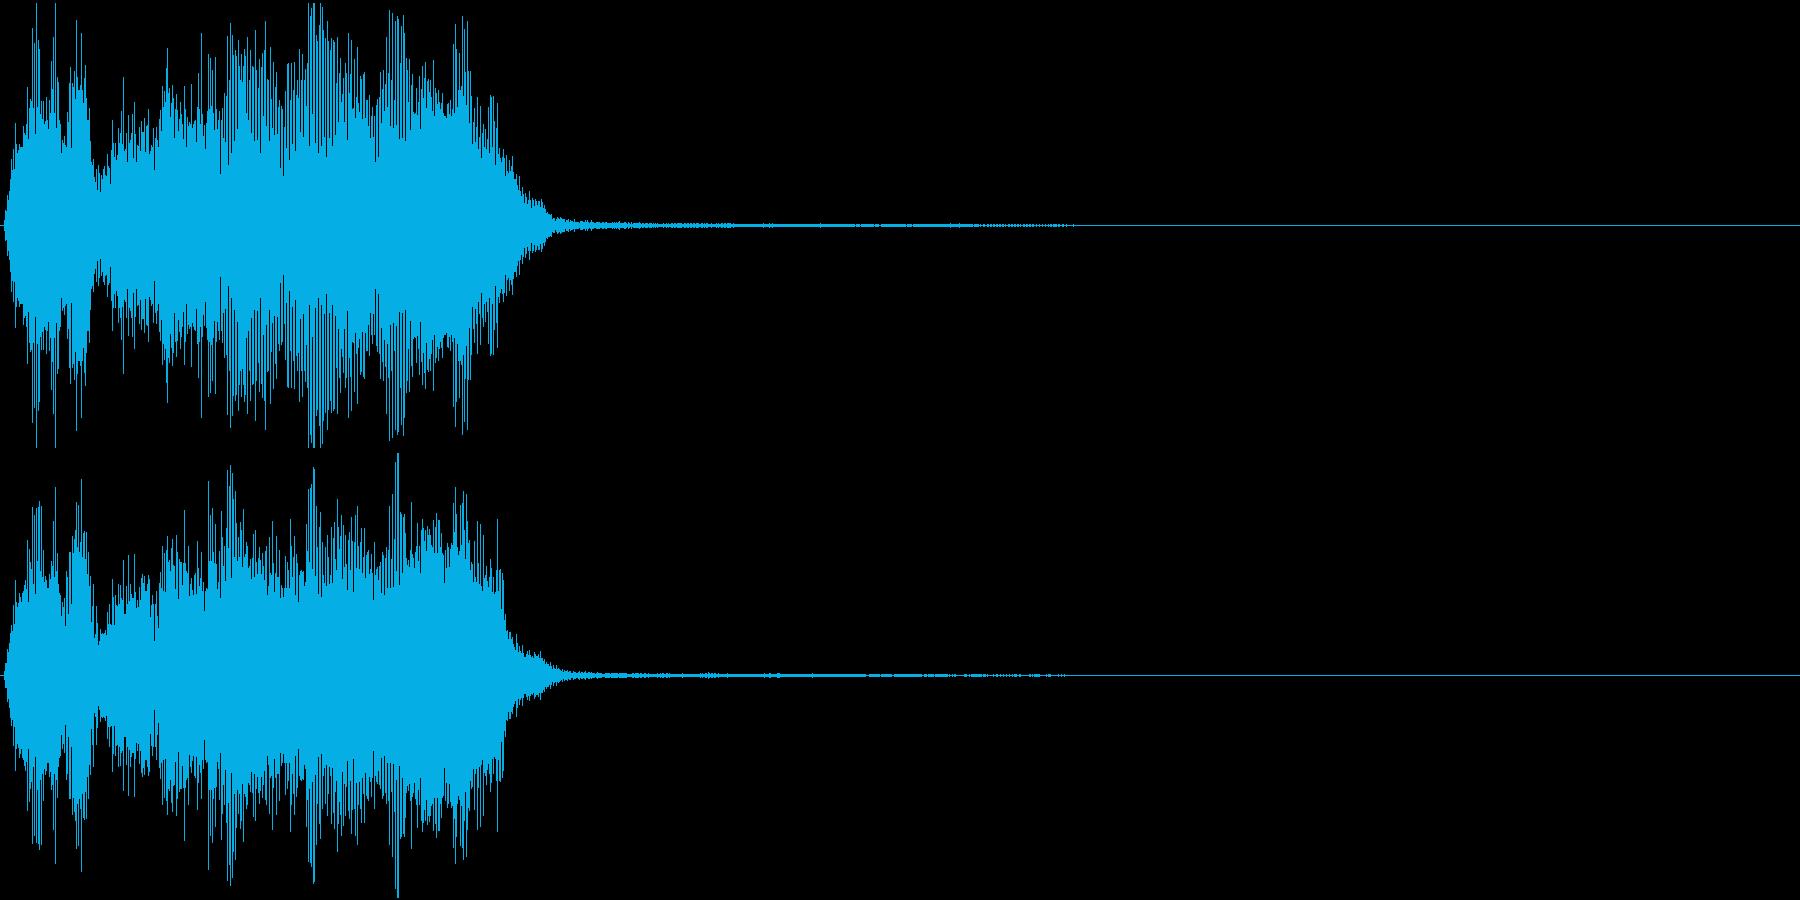 トランペット ファンファーレ 定番 19の再生済みの波形